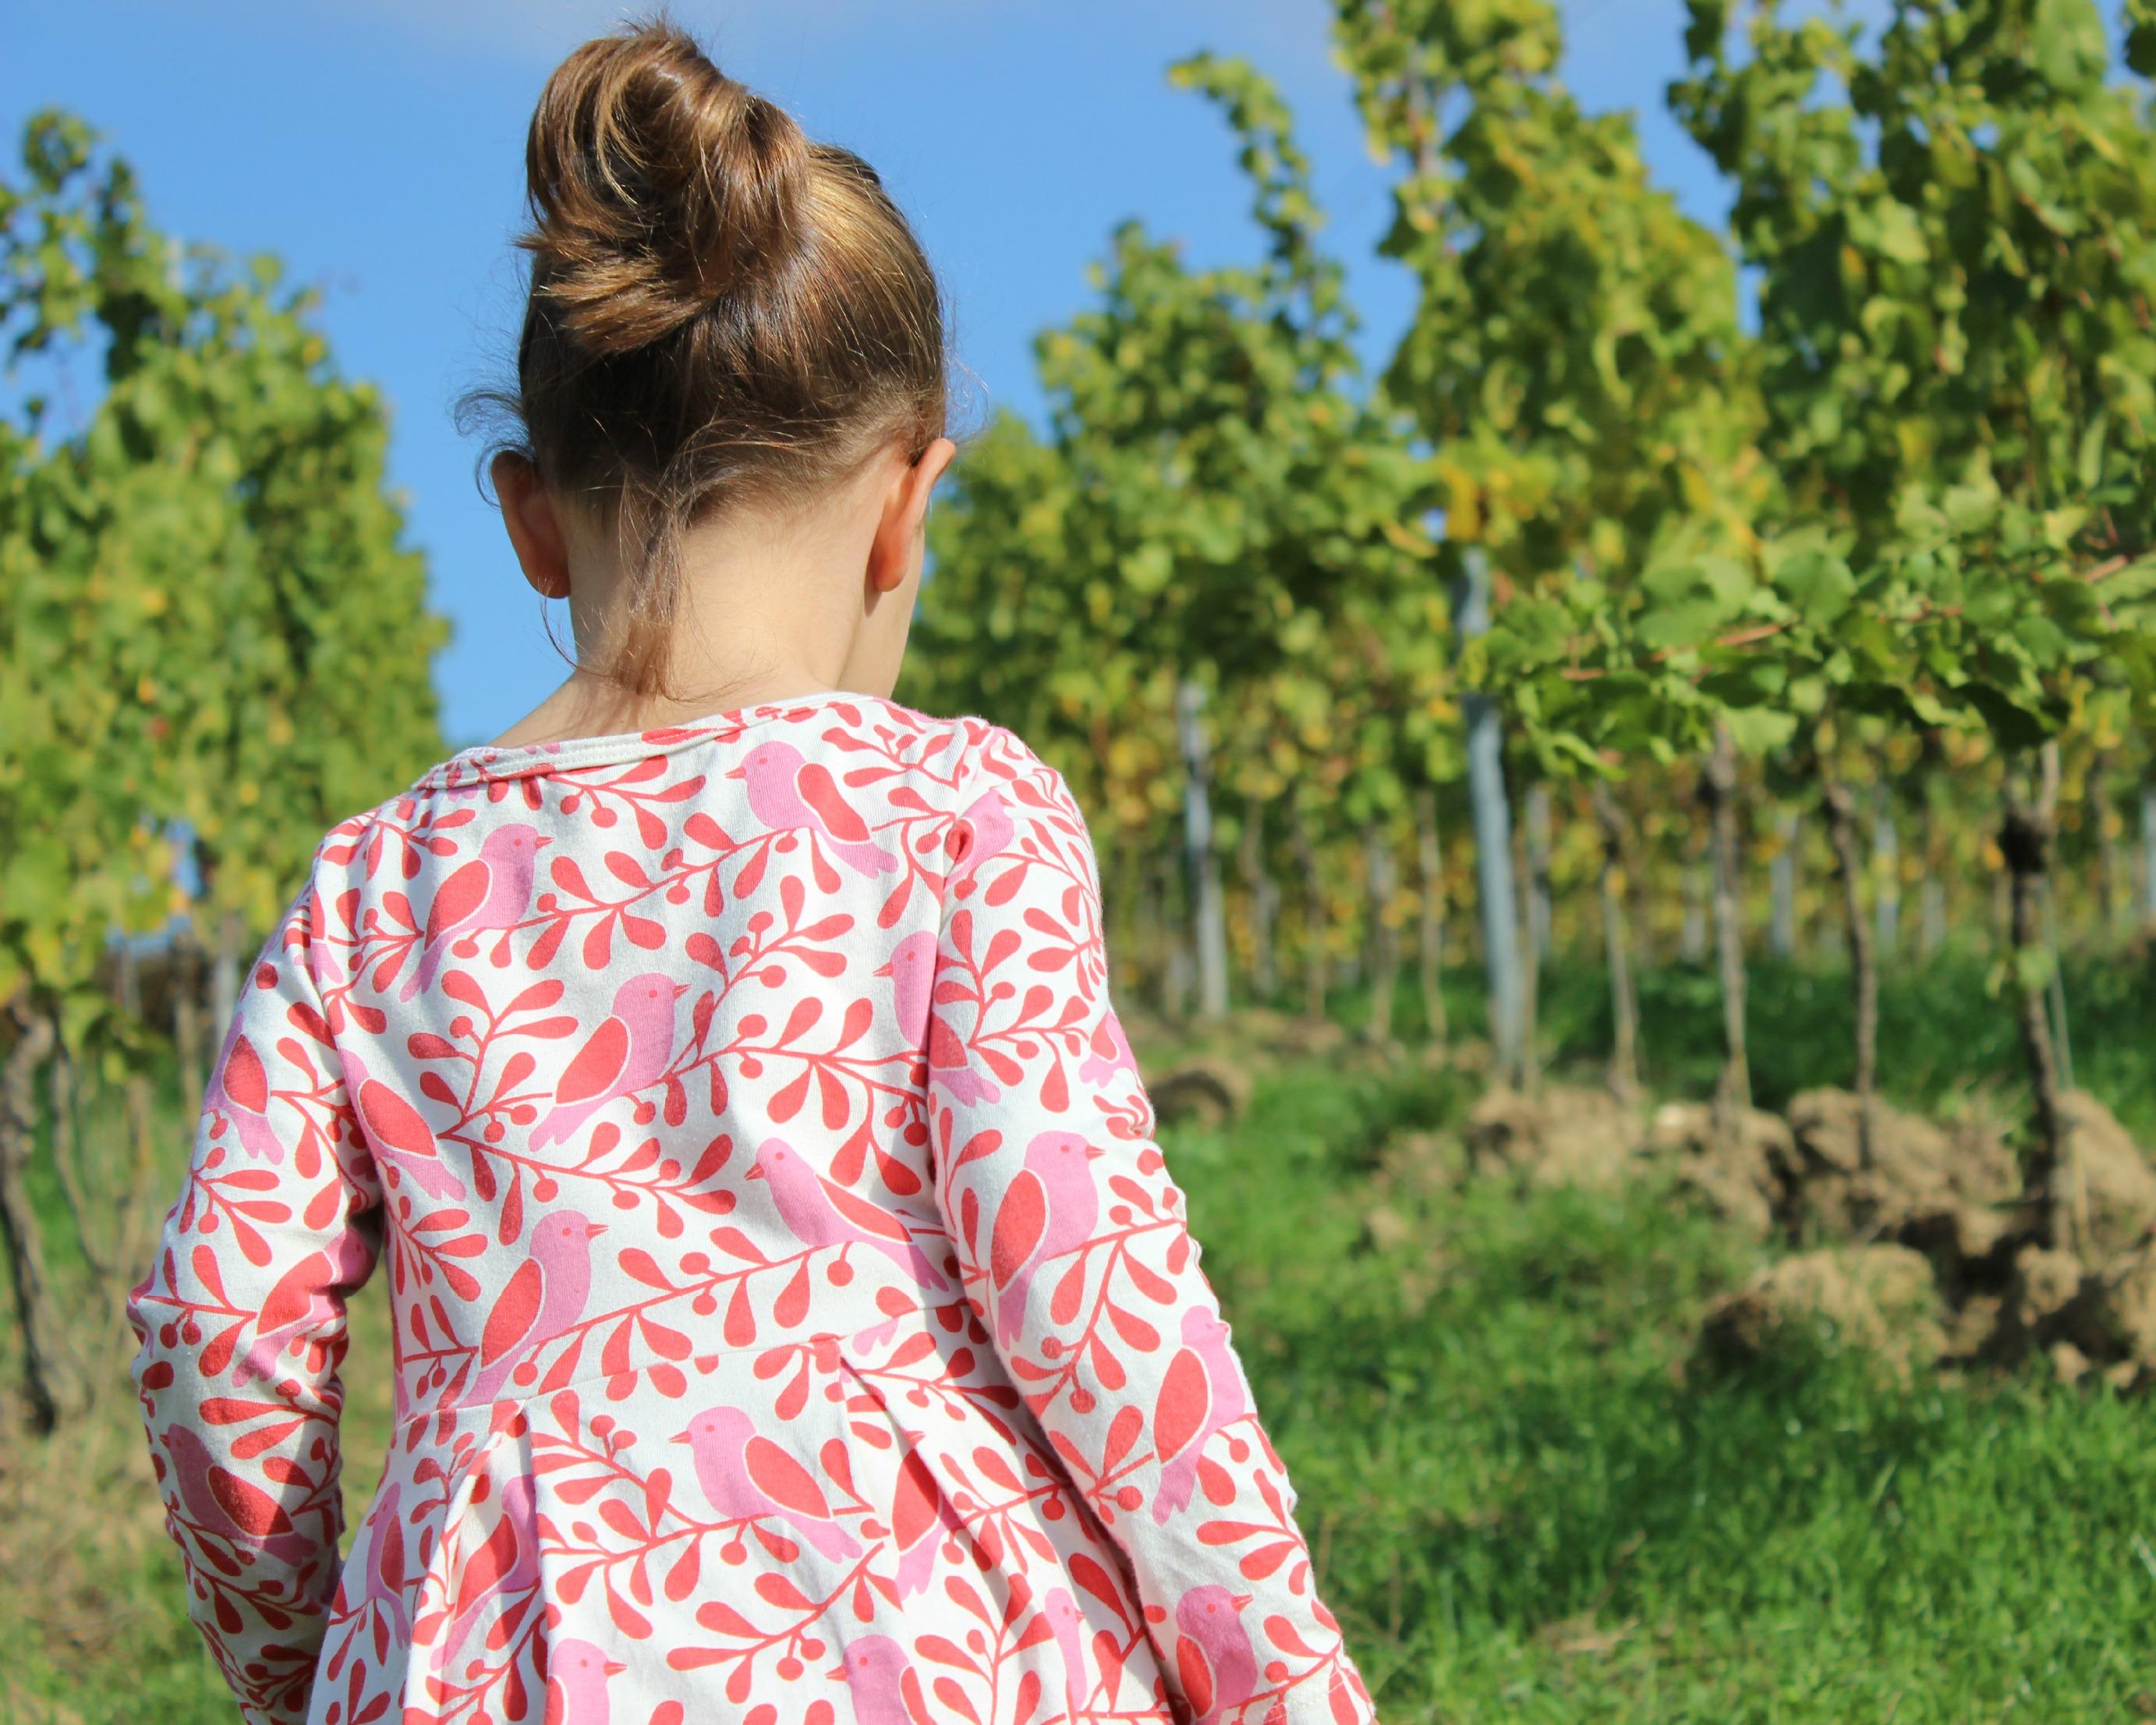 Kids – den sonnigen Herbst in Kleidern von Winter Water Factory genießen